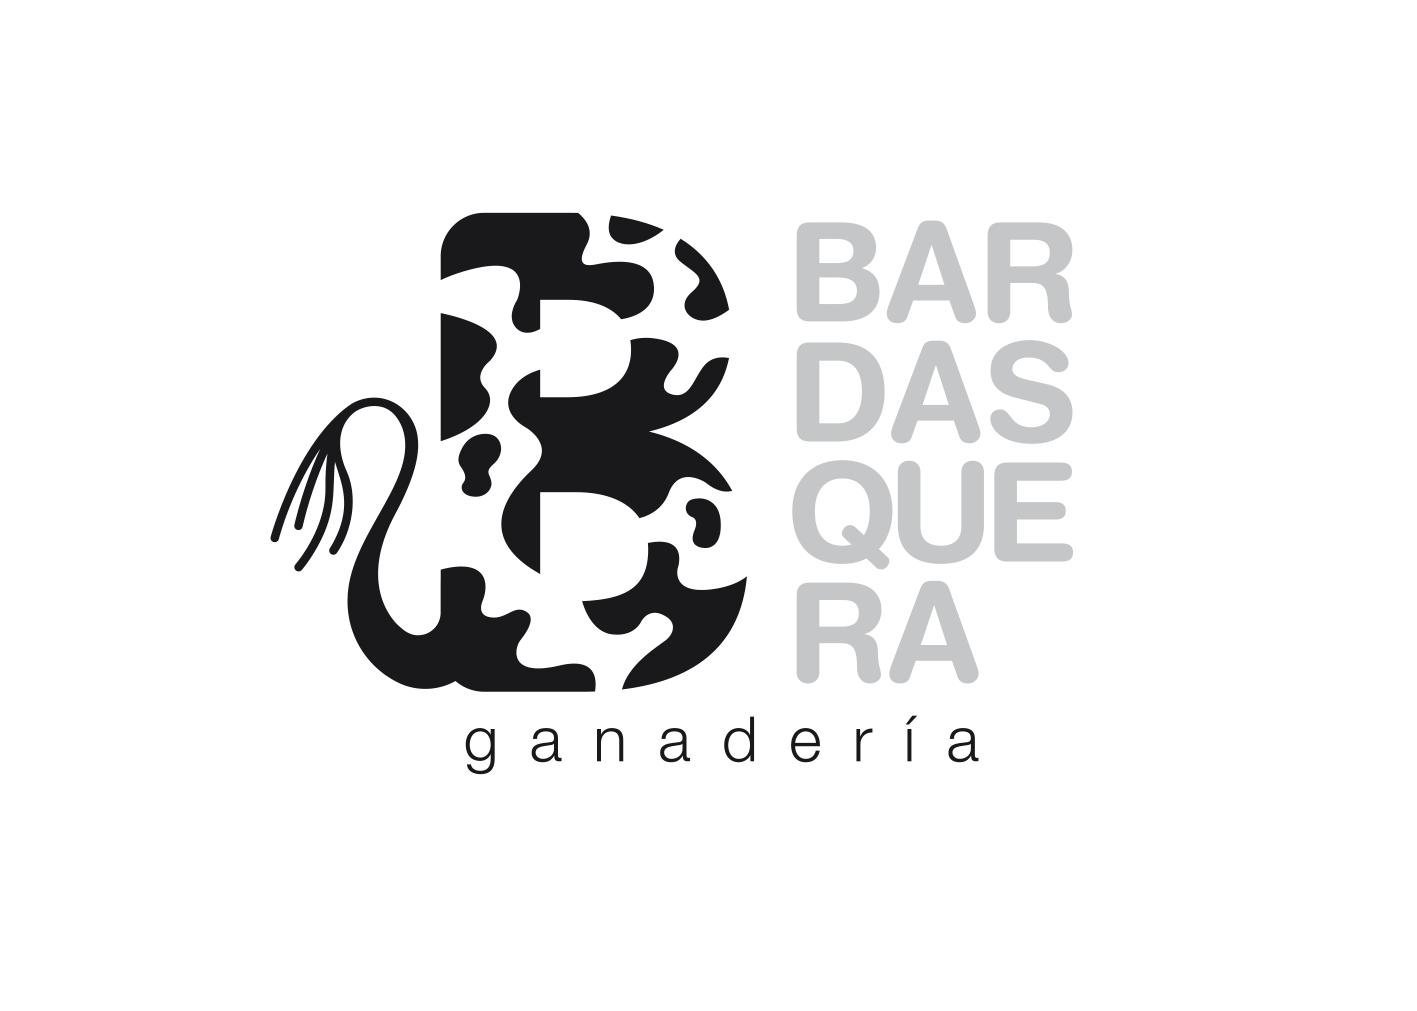 Ganadería Bardasquera by Signum - Creative Work